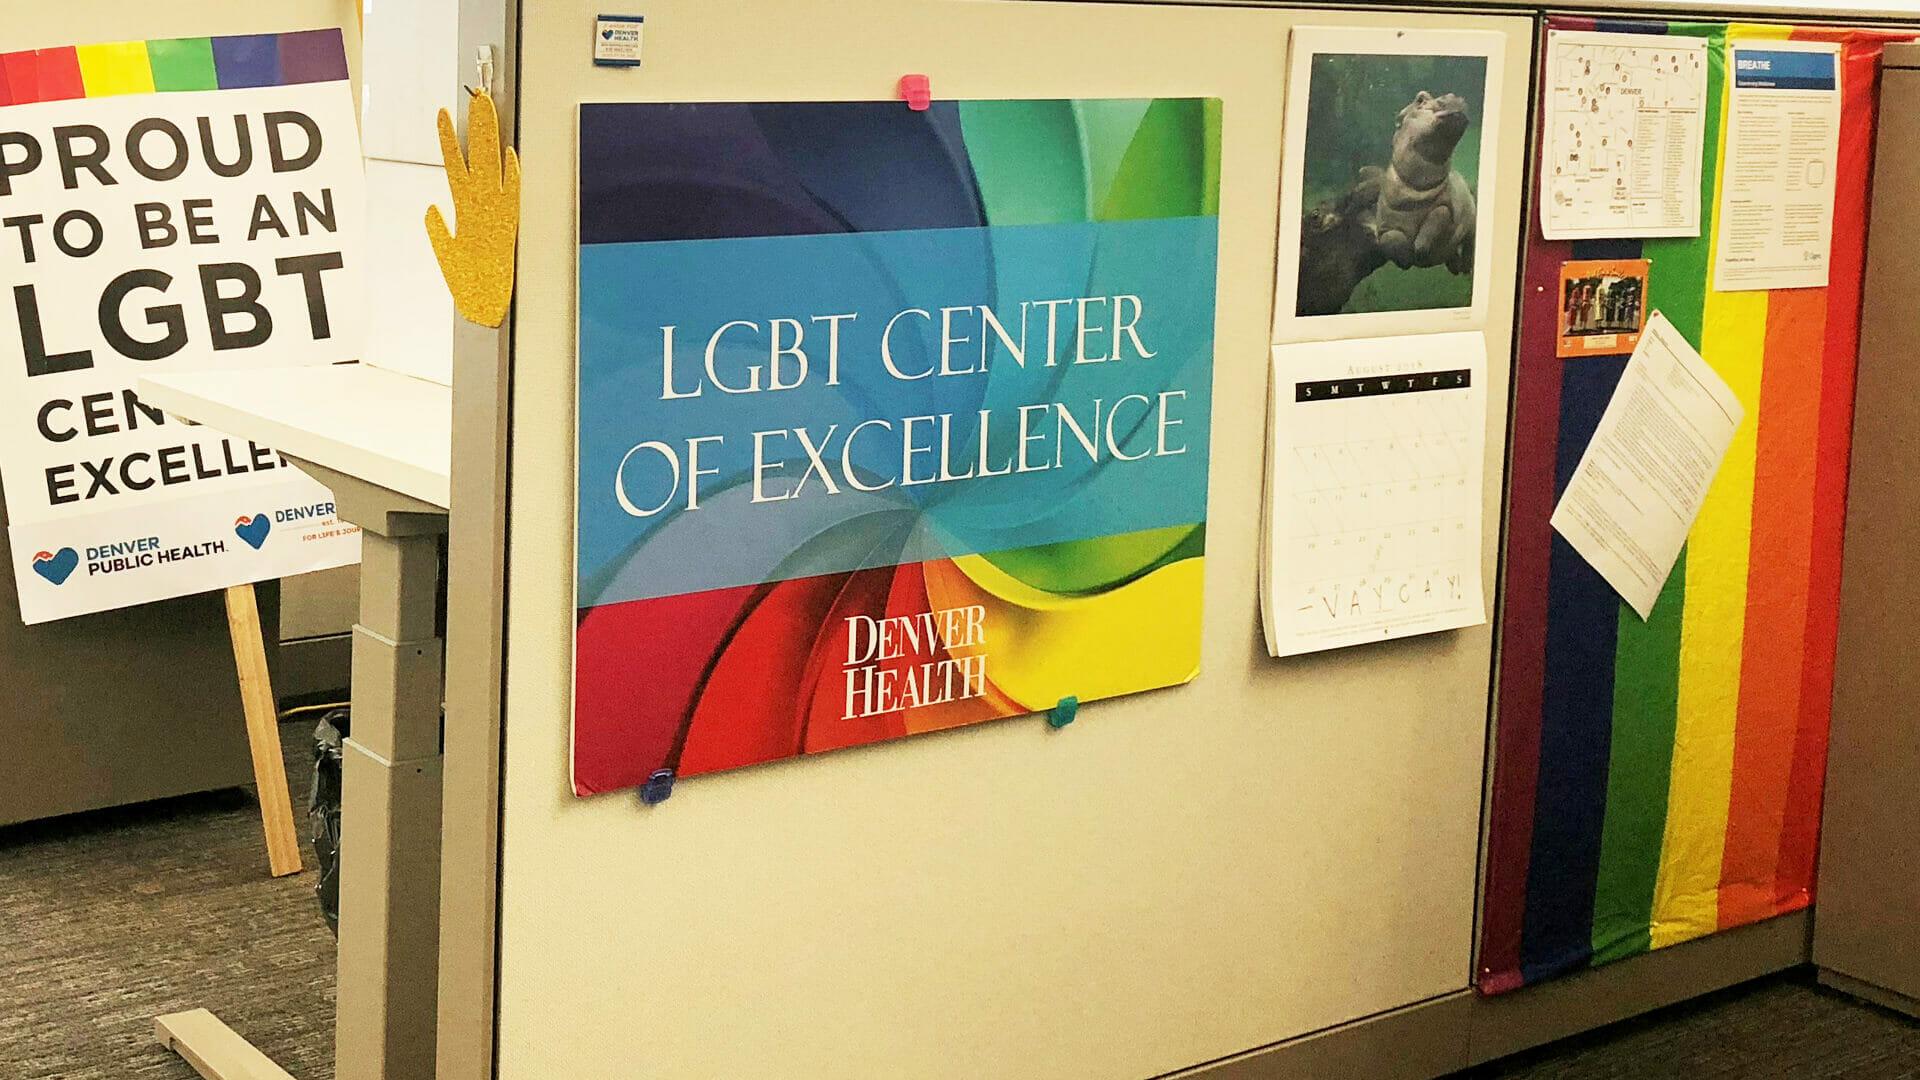 Denver Health LGBT Center of Excellence